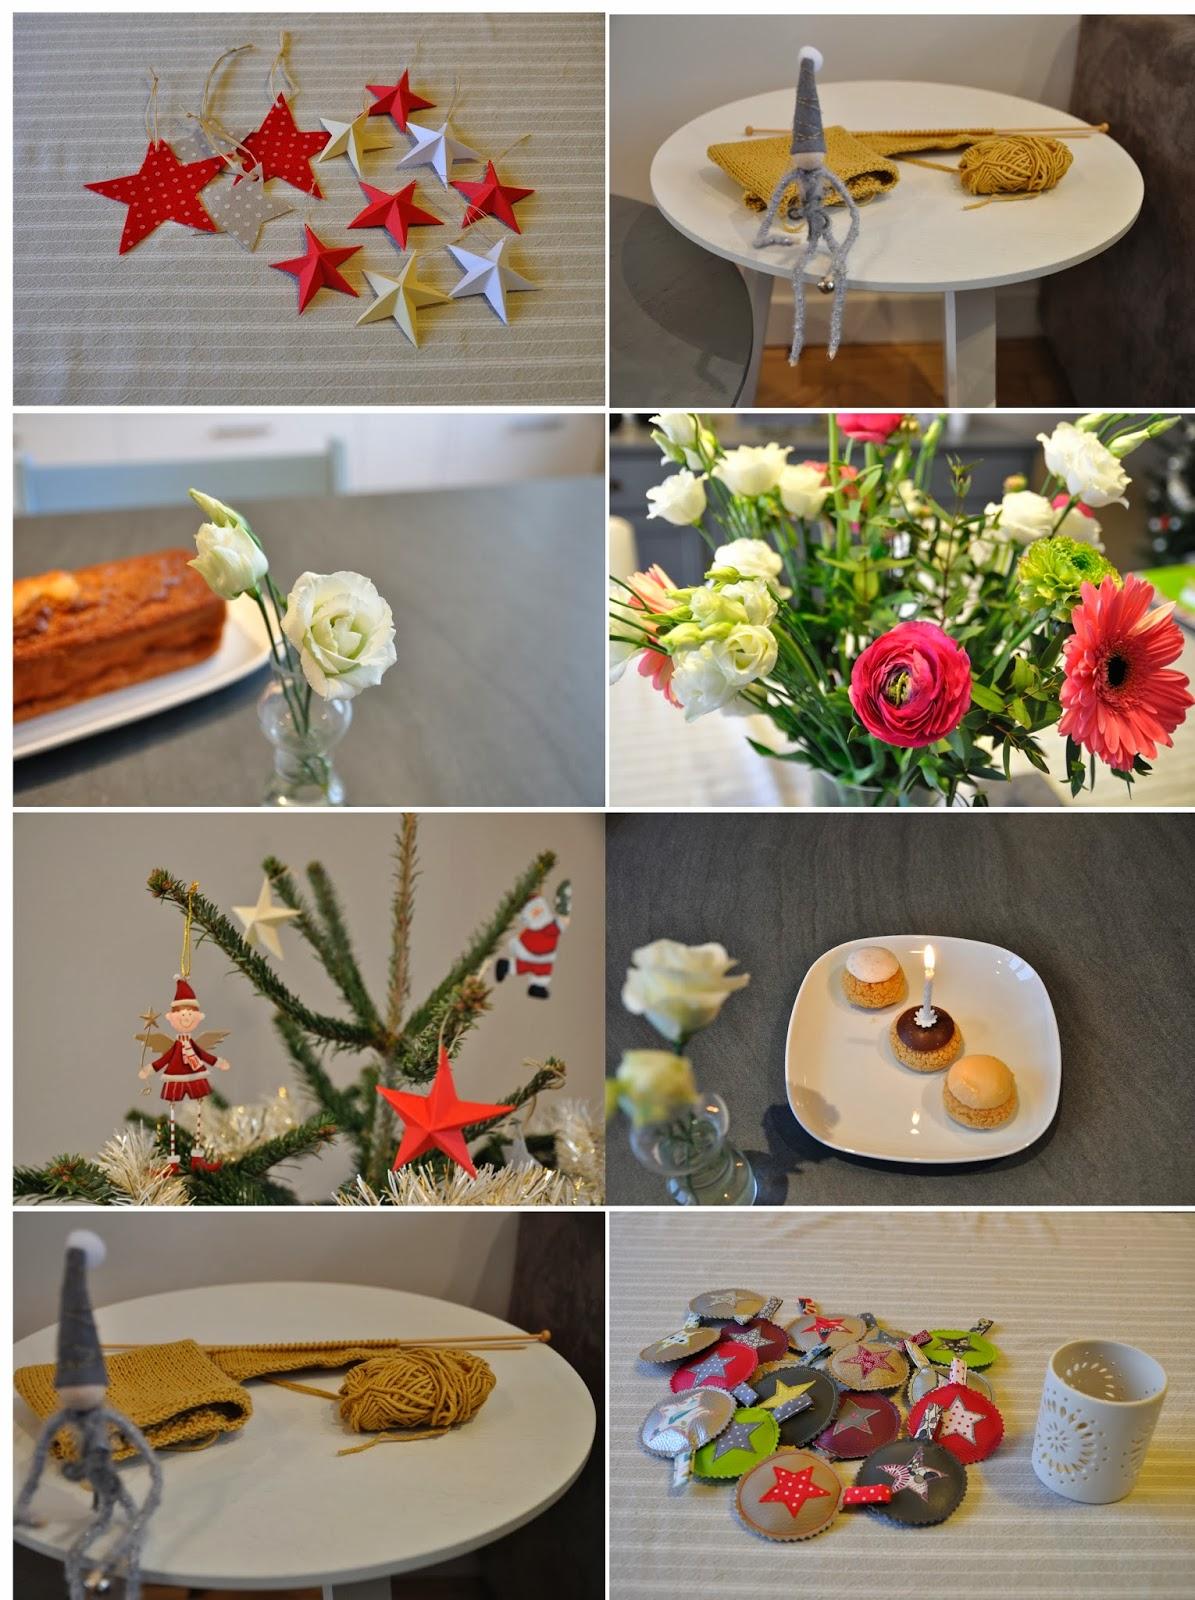 #A82324 3 Hiboux Sur 1 Fil: Un Mercredi Presque Comme Les Autres 5525 décorations de noel tricotées 1195x1600 px @ aertt.com